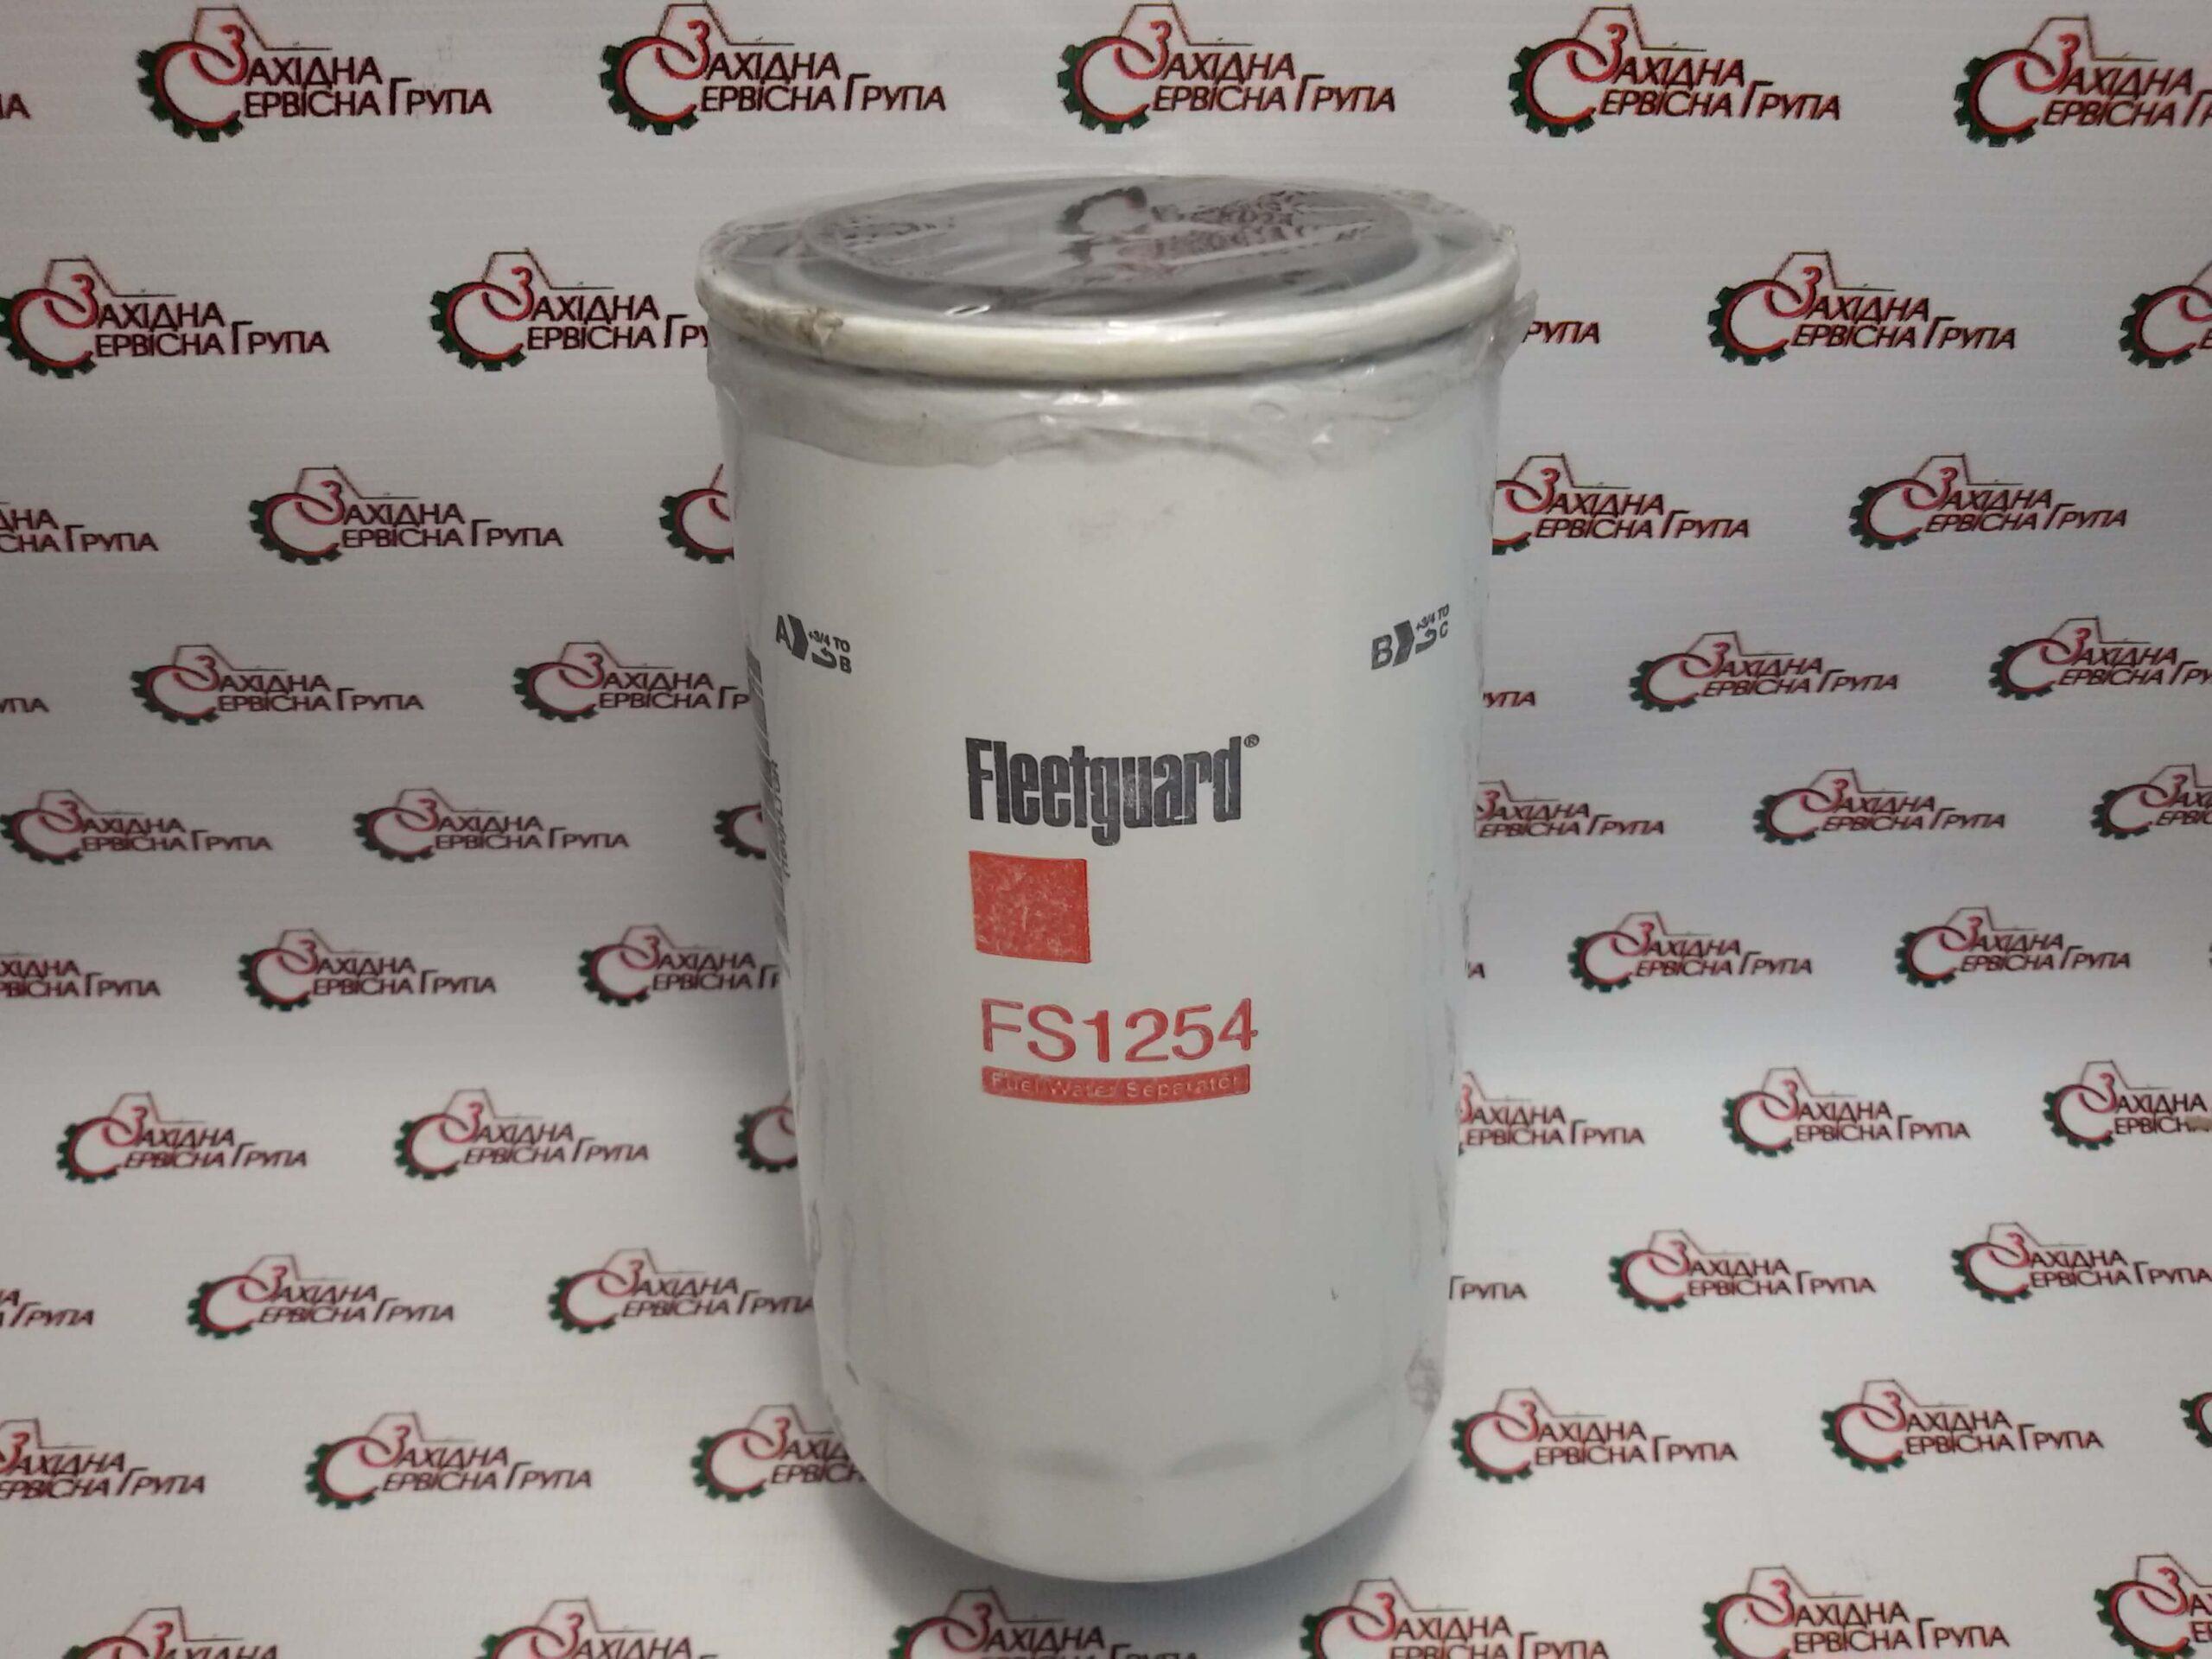 Фильтр топливный сепаратор Cummins Fleetguard FS1254